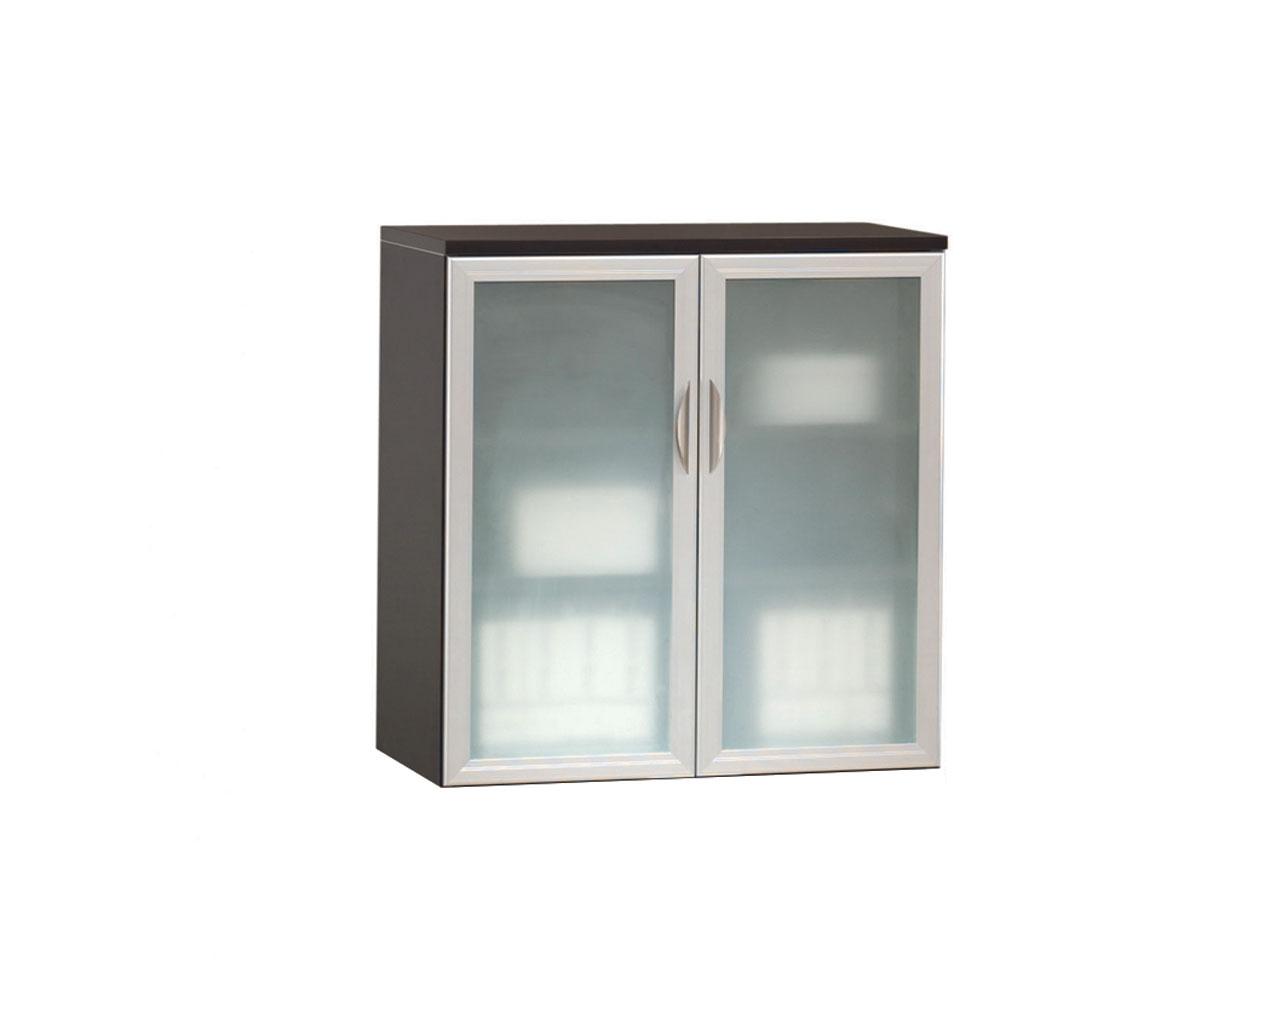 Locking Double Door Cabinet with Optional Glass Door